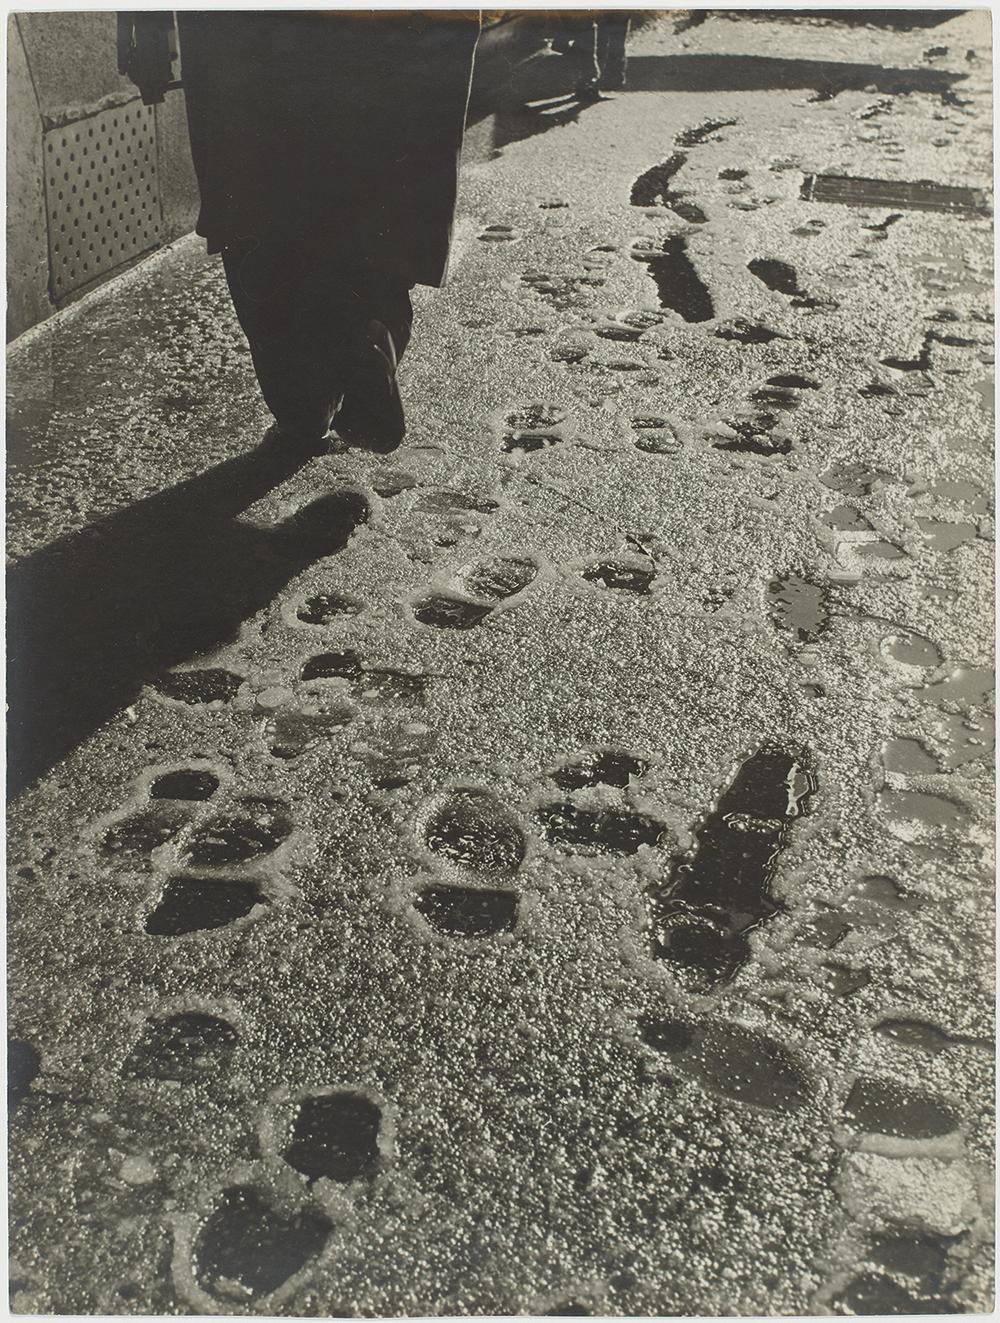 Βήματα και πατημασιές στο χιόνι, Παρίσι, 1953